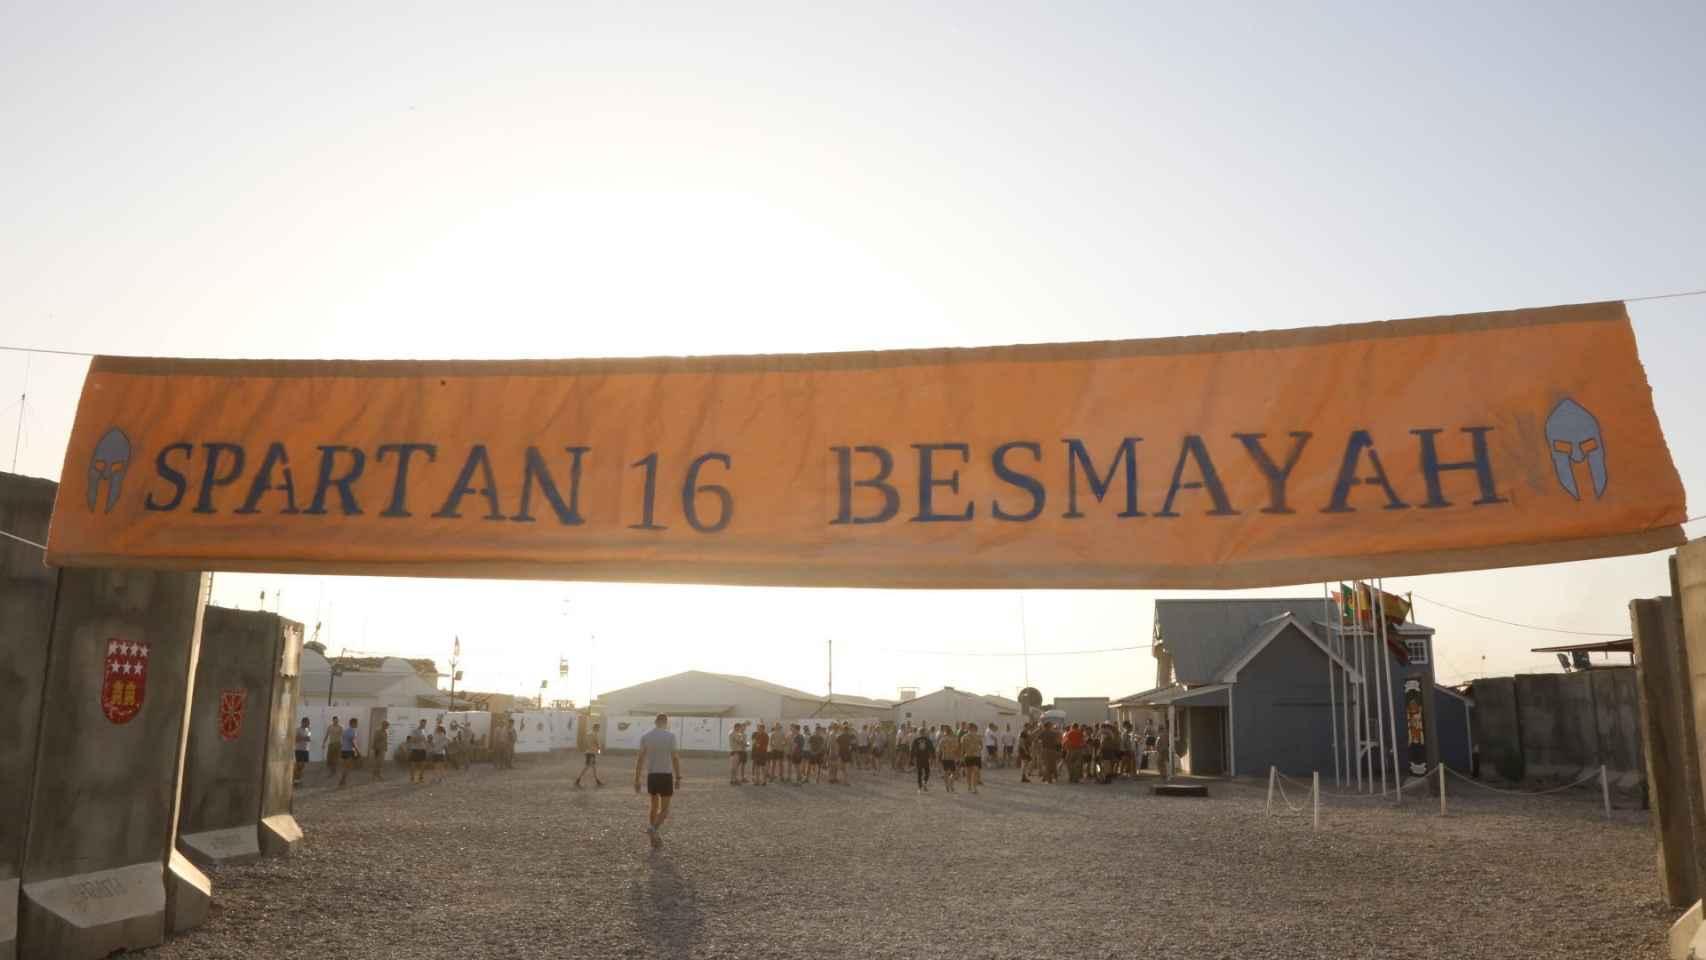 Pancarta de la Spartan Race, un recorrido de 1,9 kilómetros lleno de obstáculos.